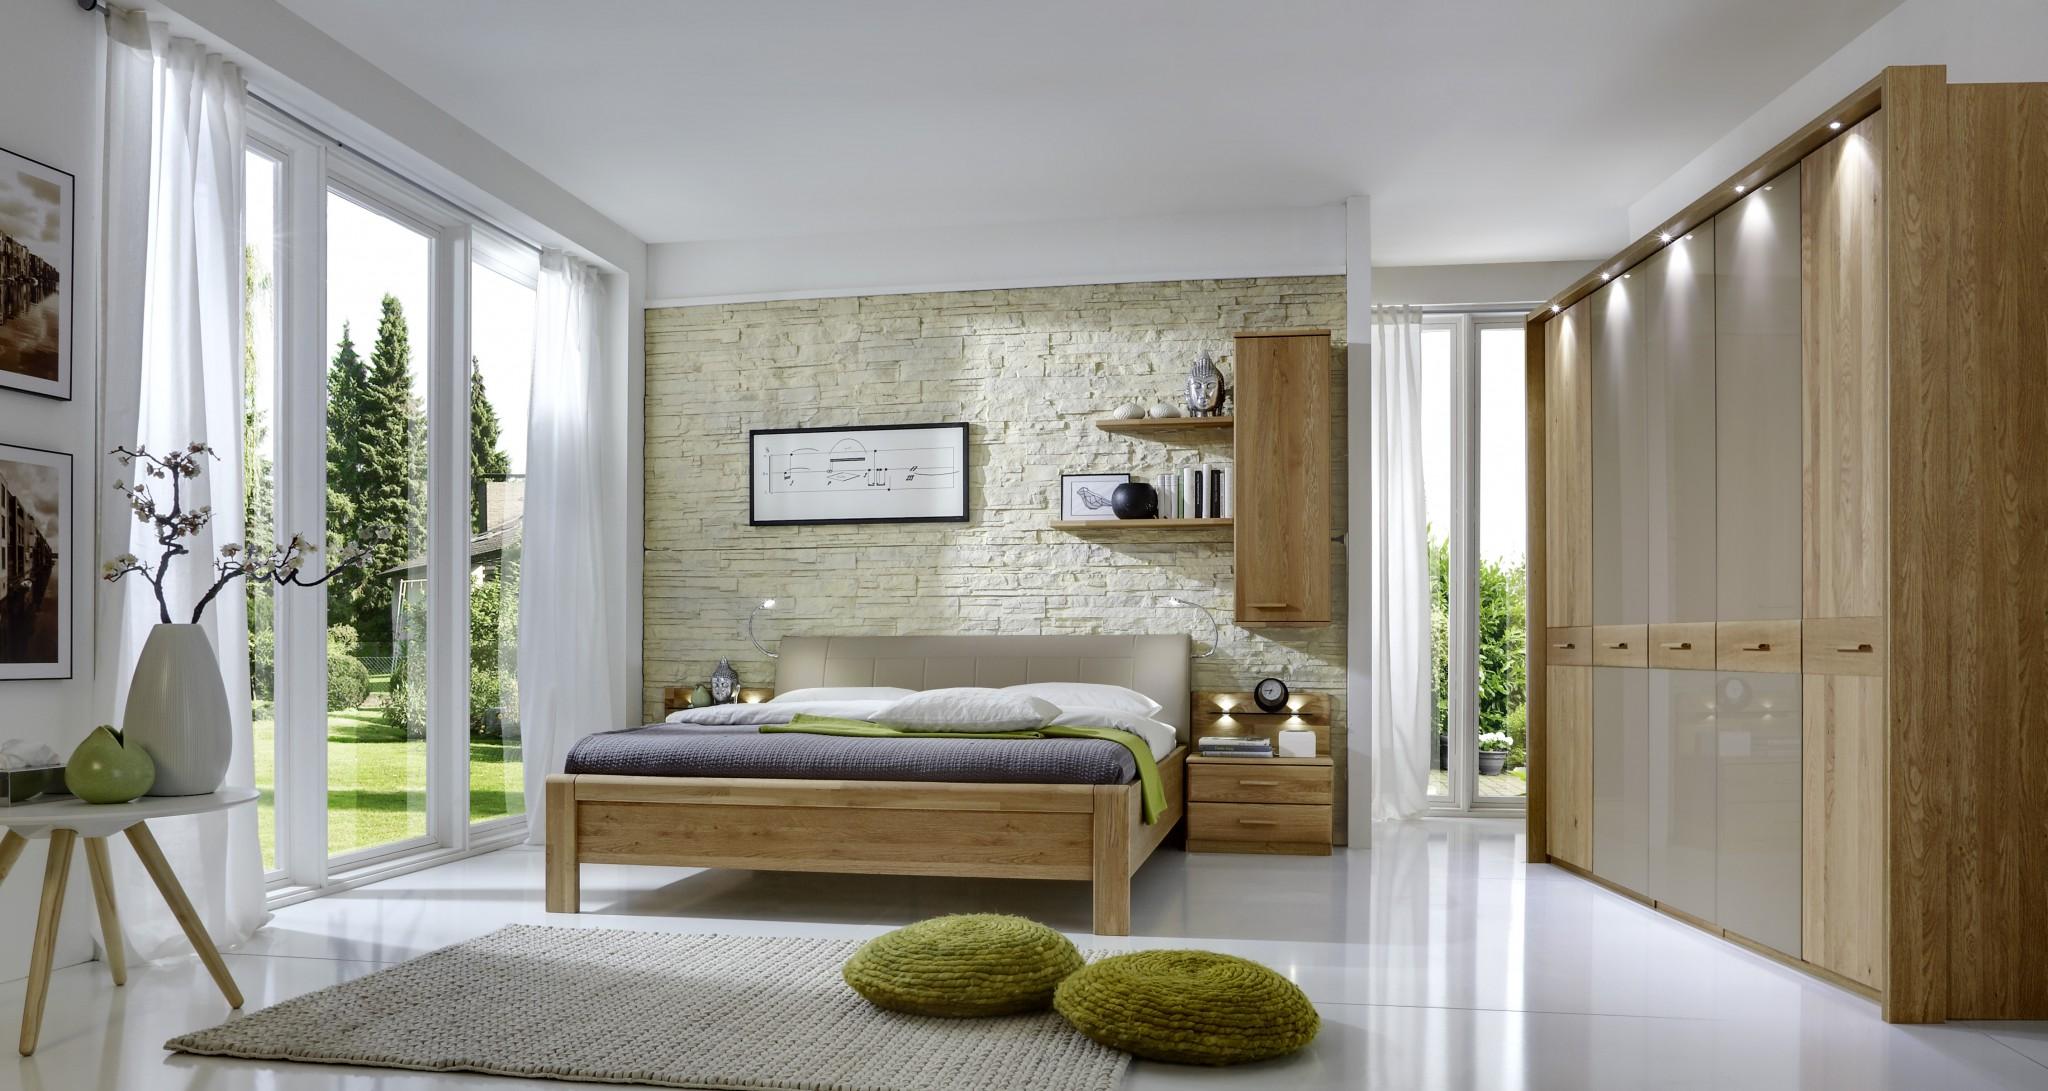 ohne schrank gestalten offene loft wohnung mit galerie with ohne schrank gestalten great. Black Bedroom Furniture Sets. Home Design Ideas